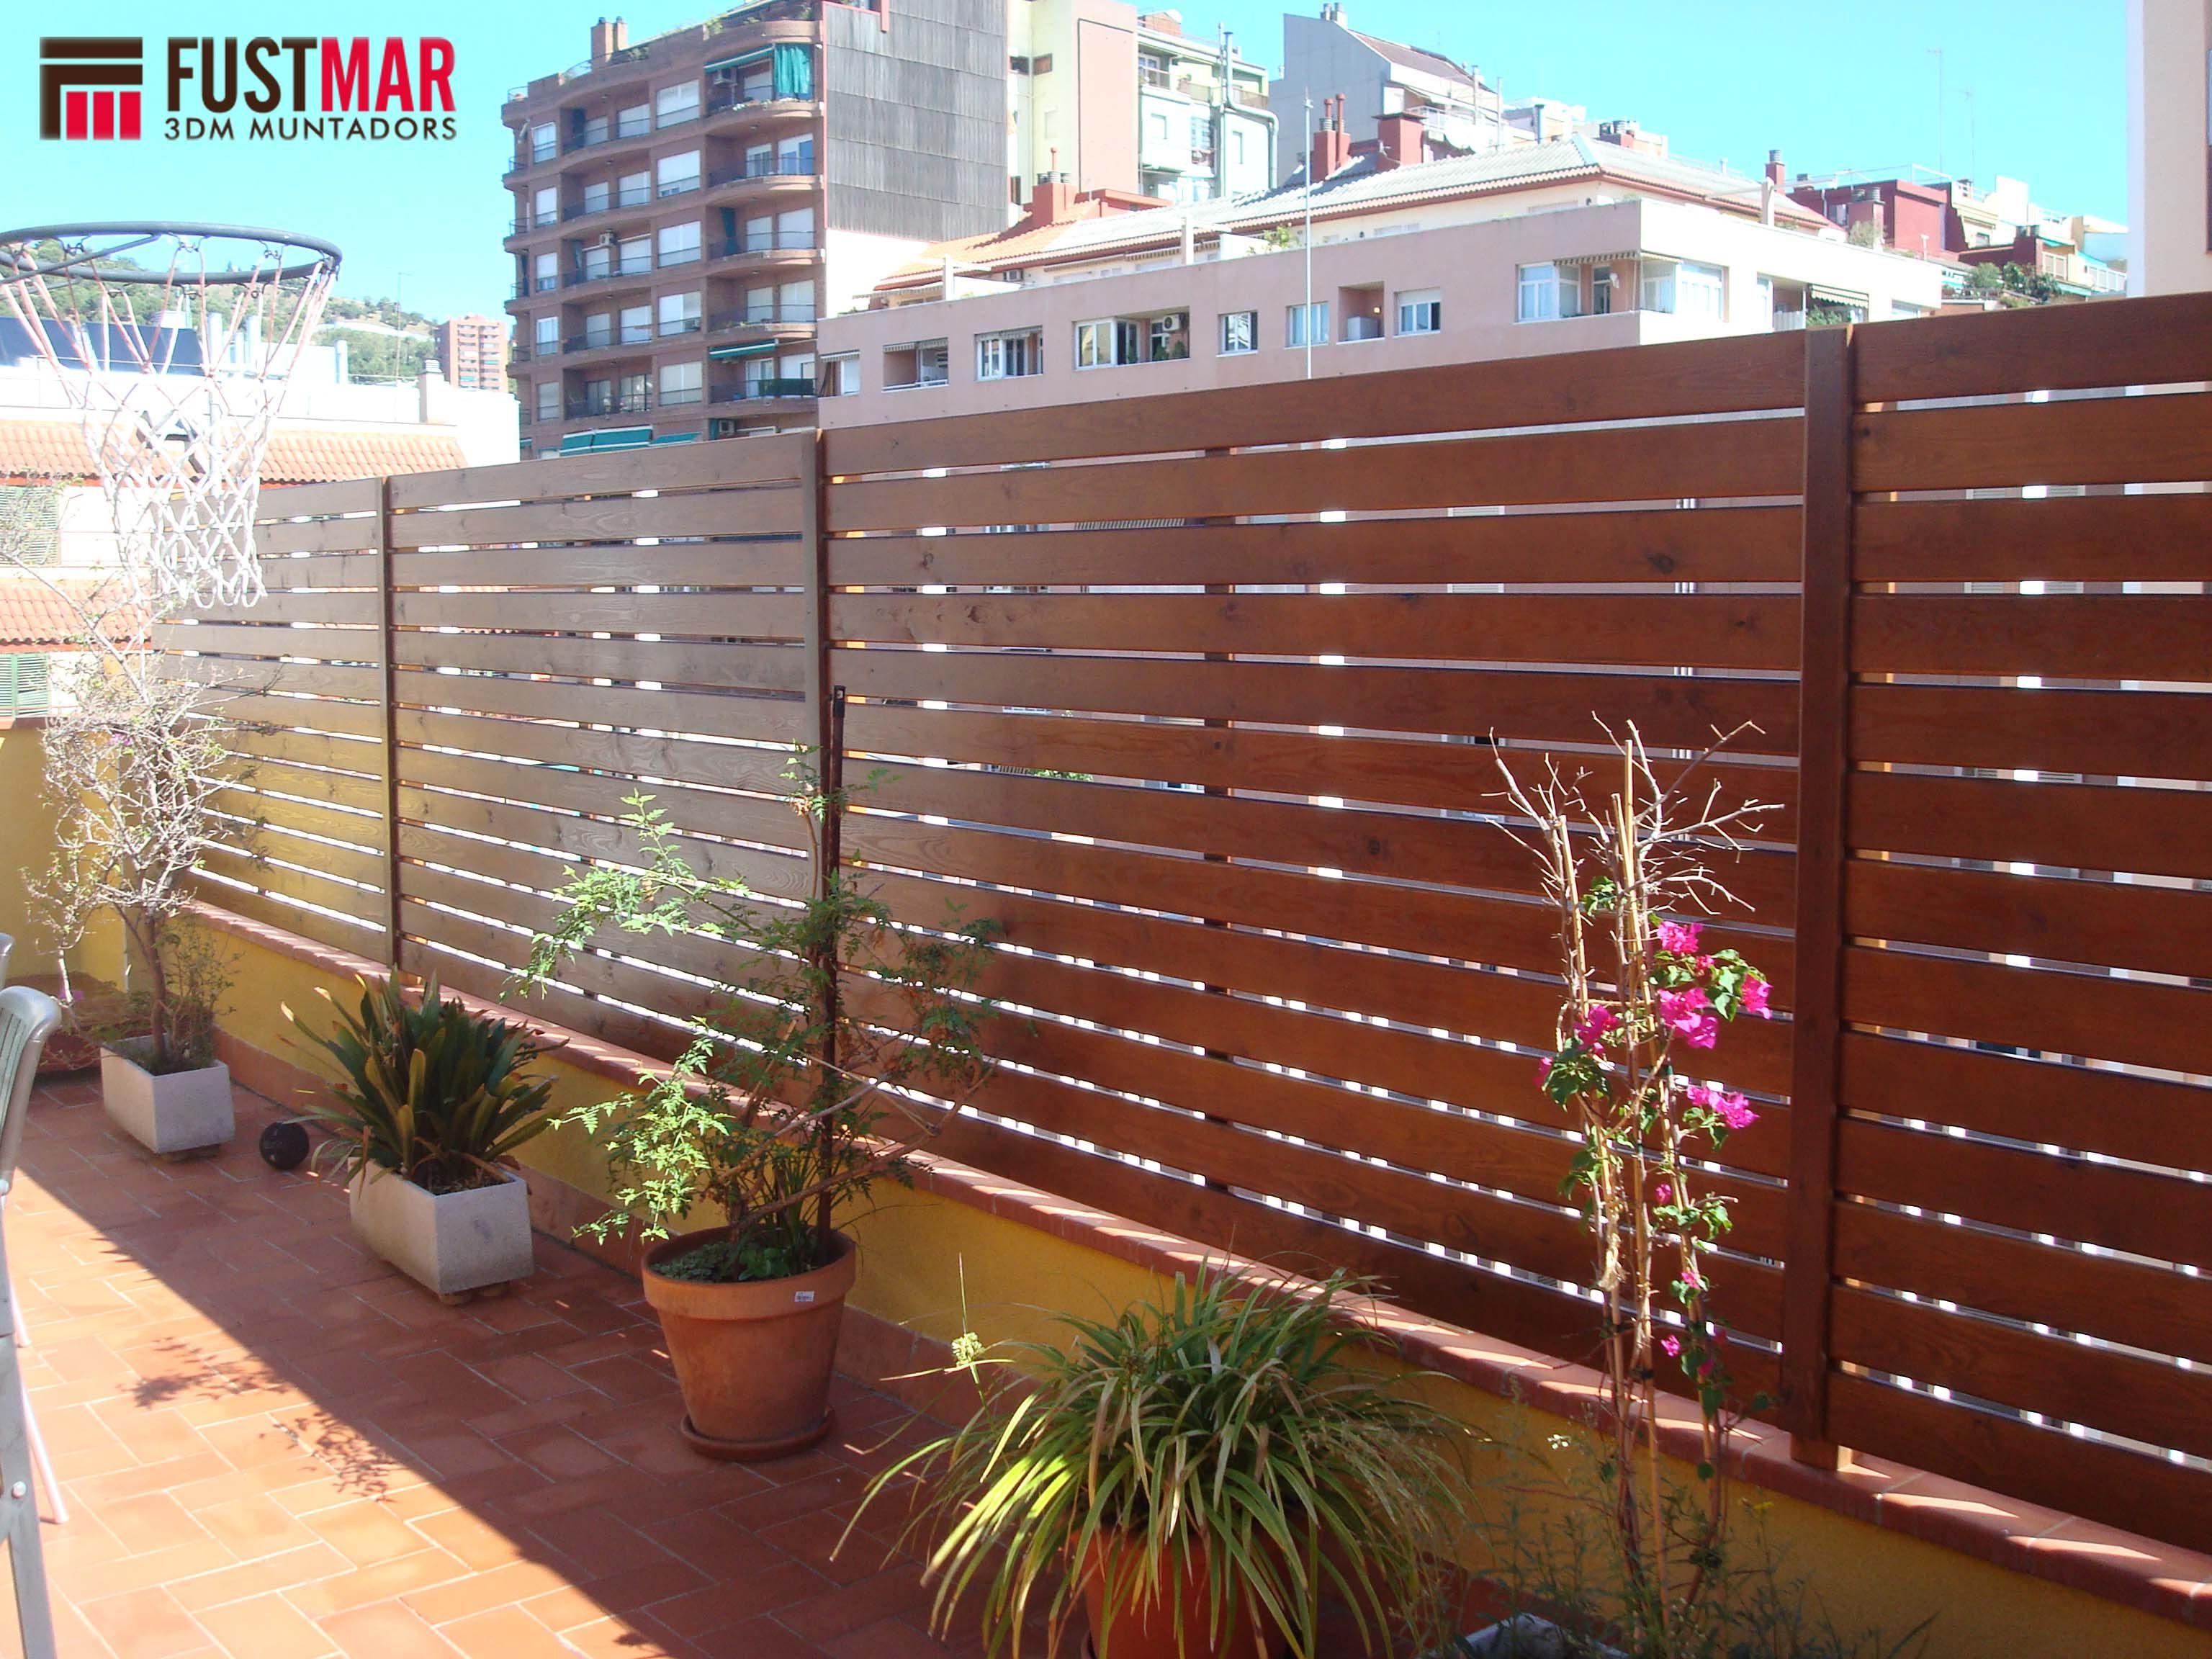 Valla de madera tratada con color nogal formada por - Vallas para terrazas ...